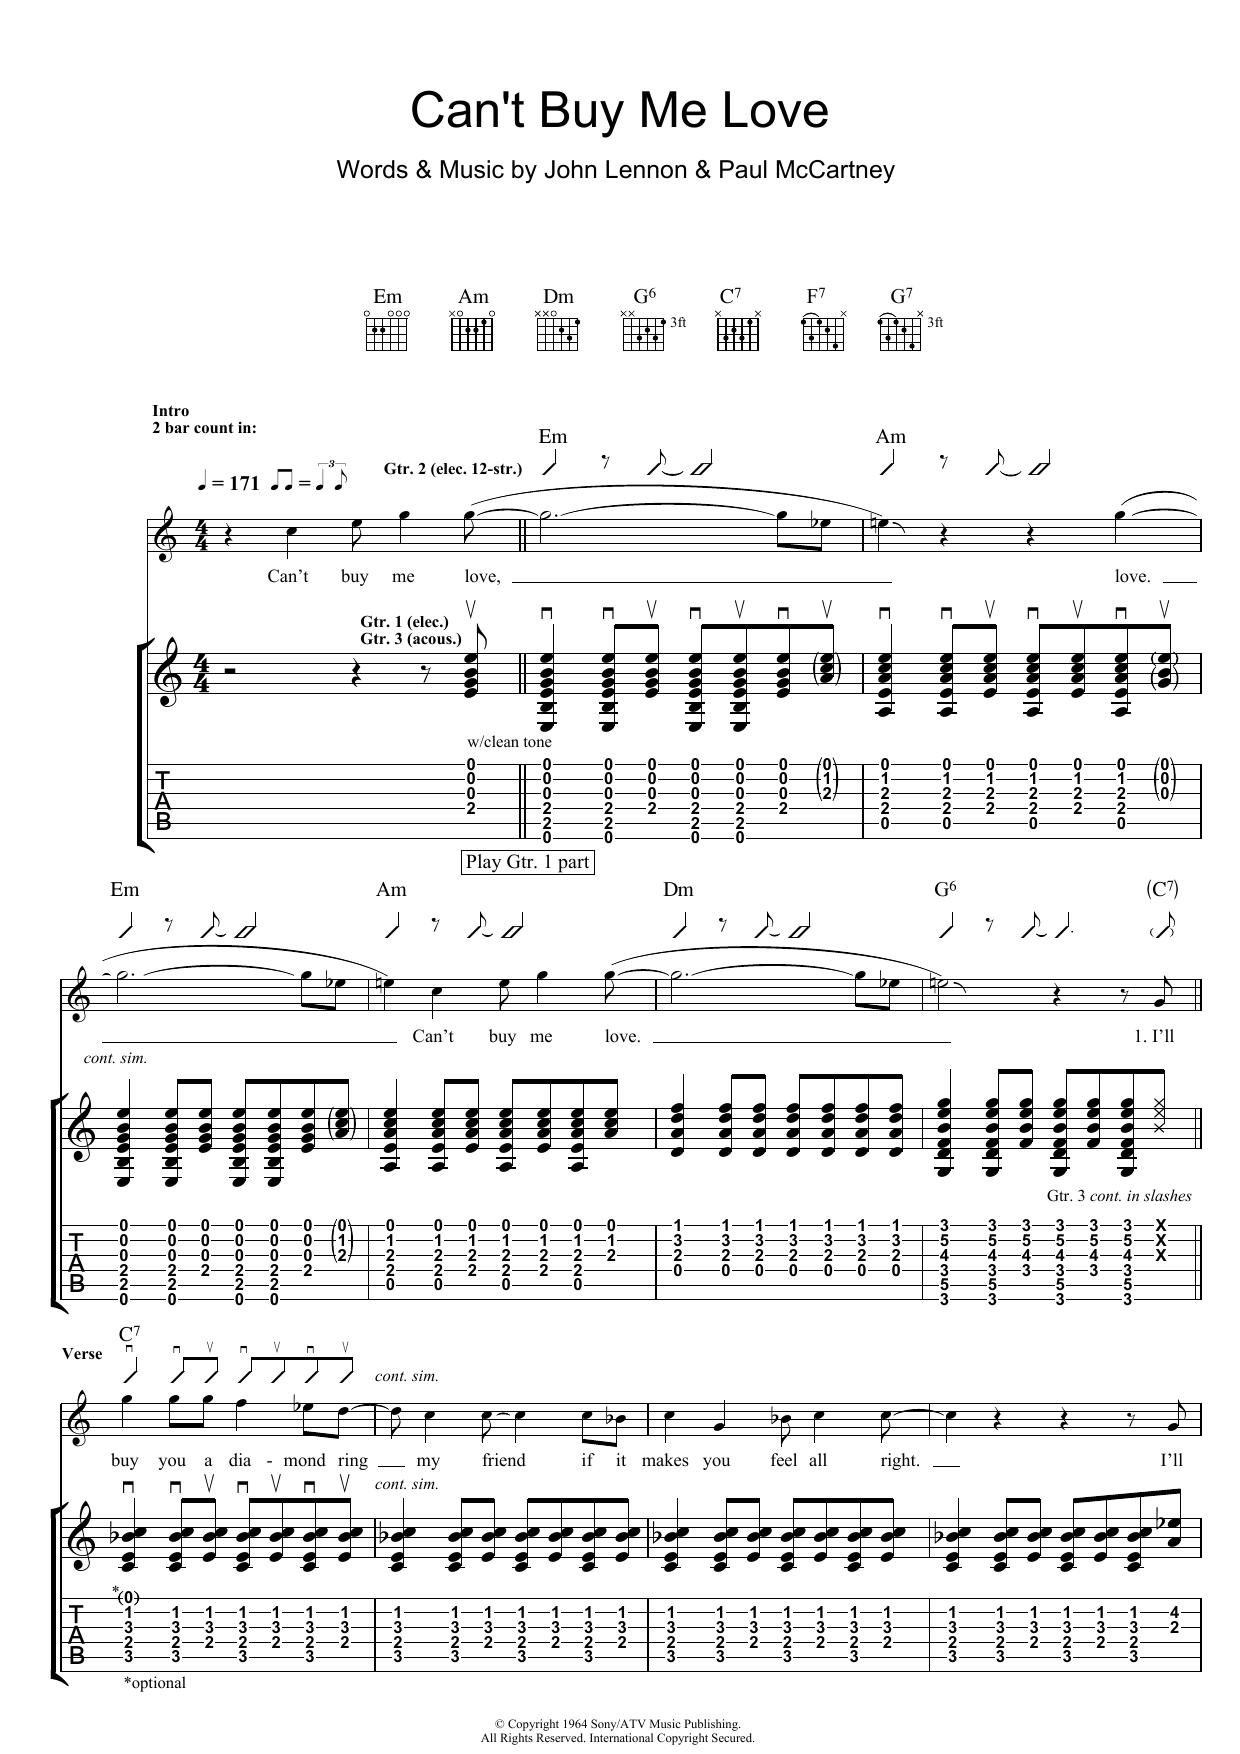 Can't Buy Me Love (Guitar Tab)